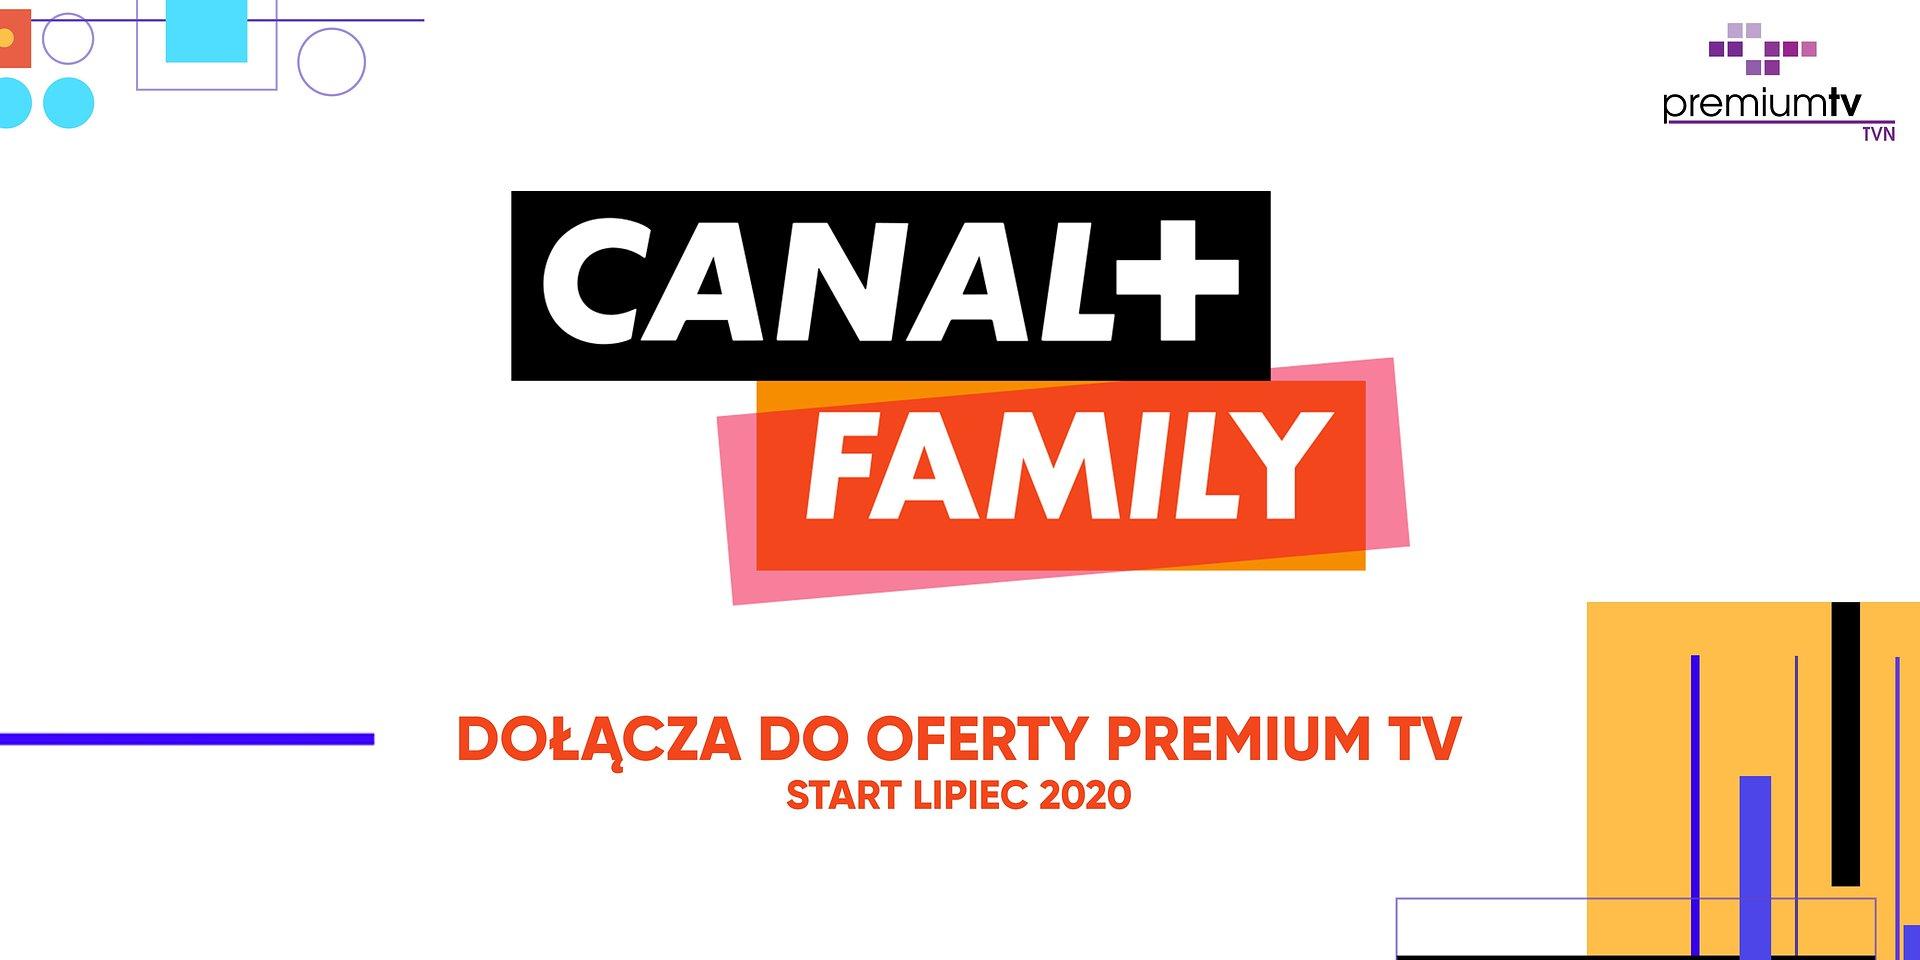 CANAL+ FAMILY – nowy kanał w ofercie Premium TV